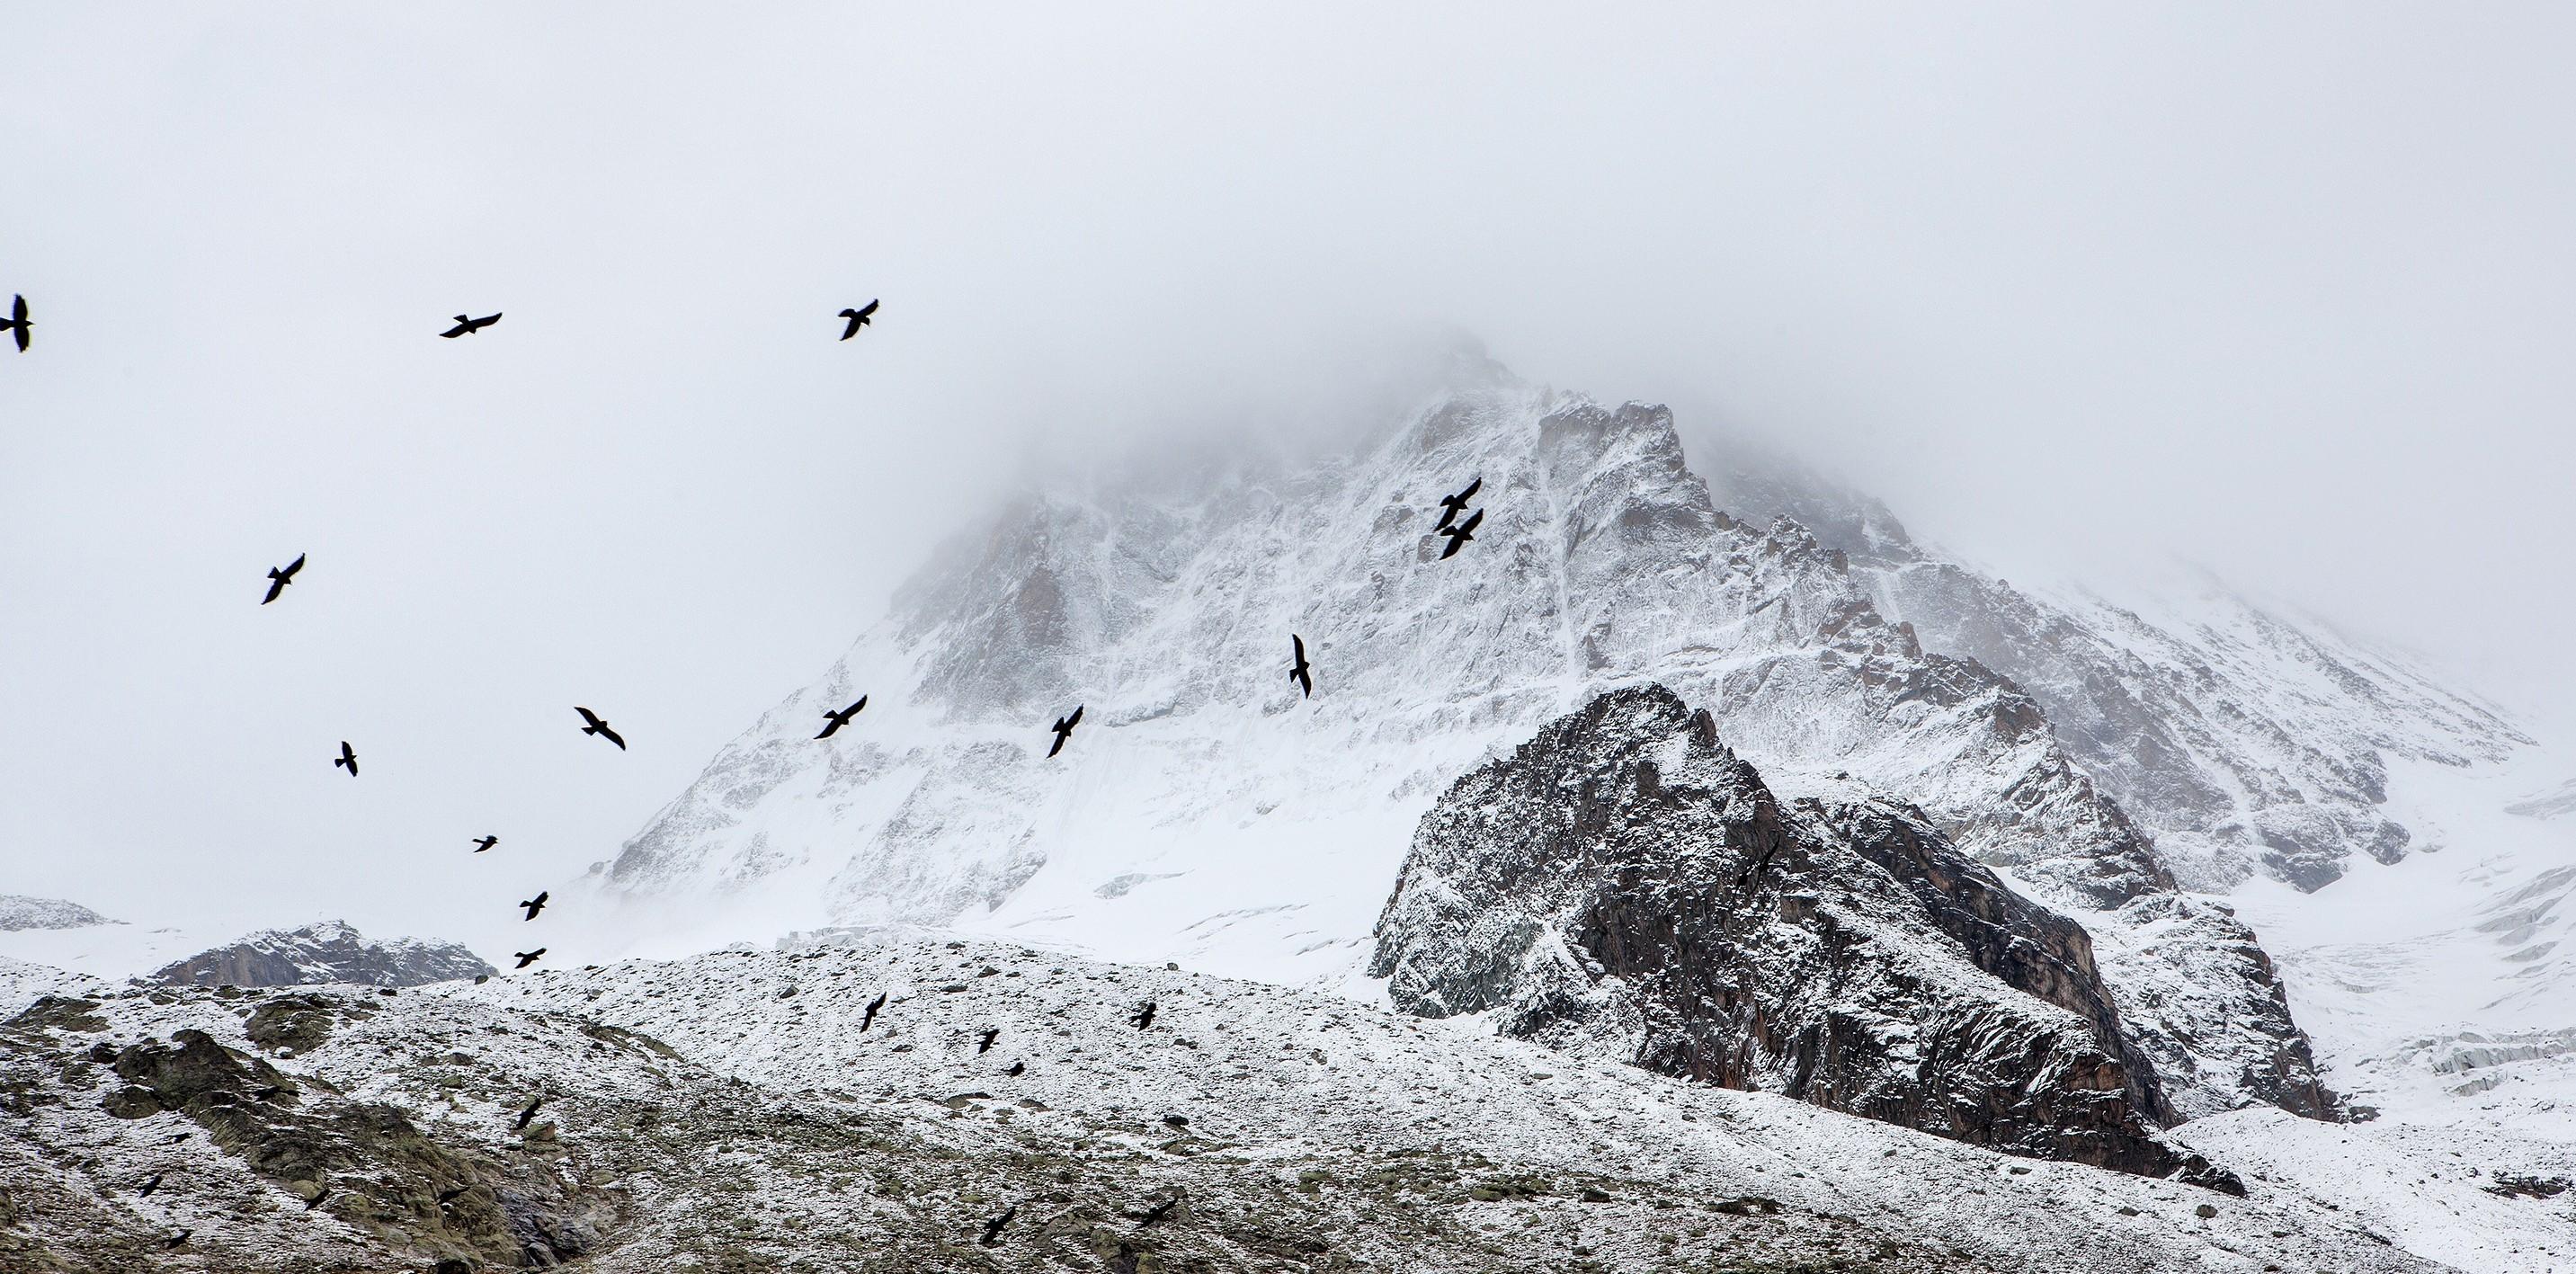 Berge kälte streit